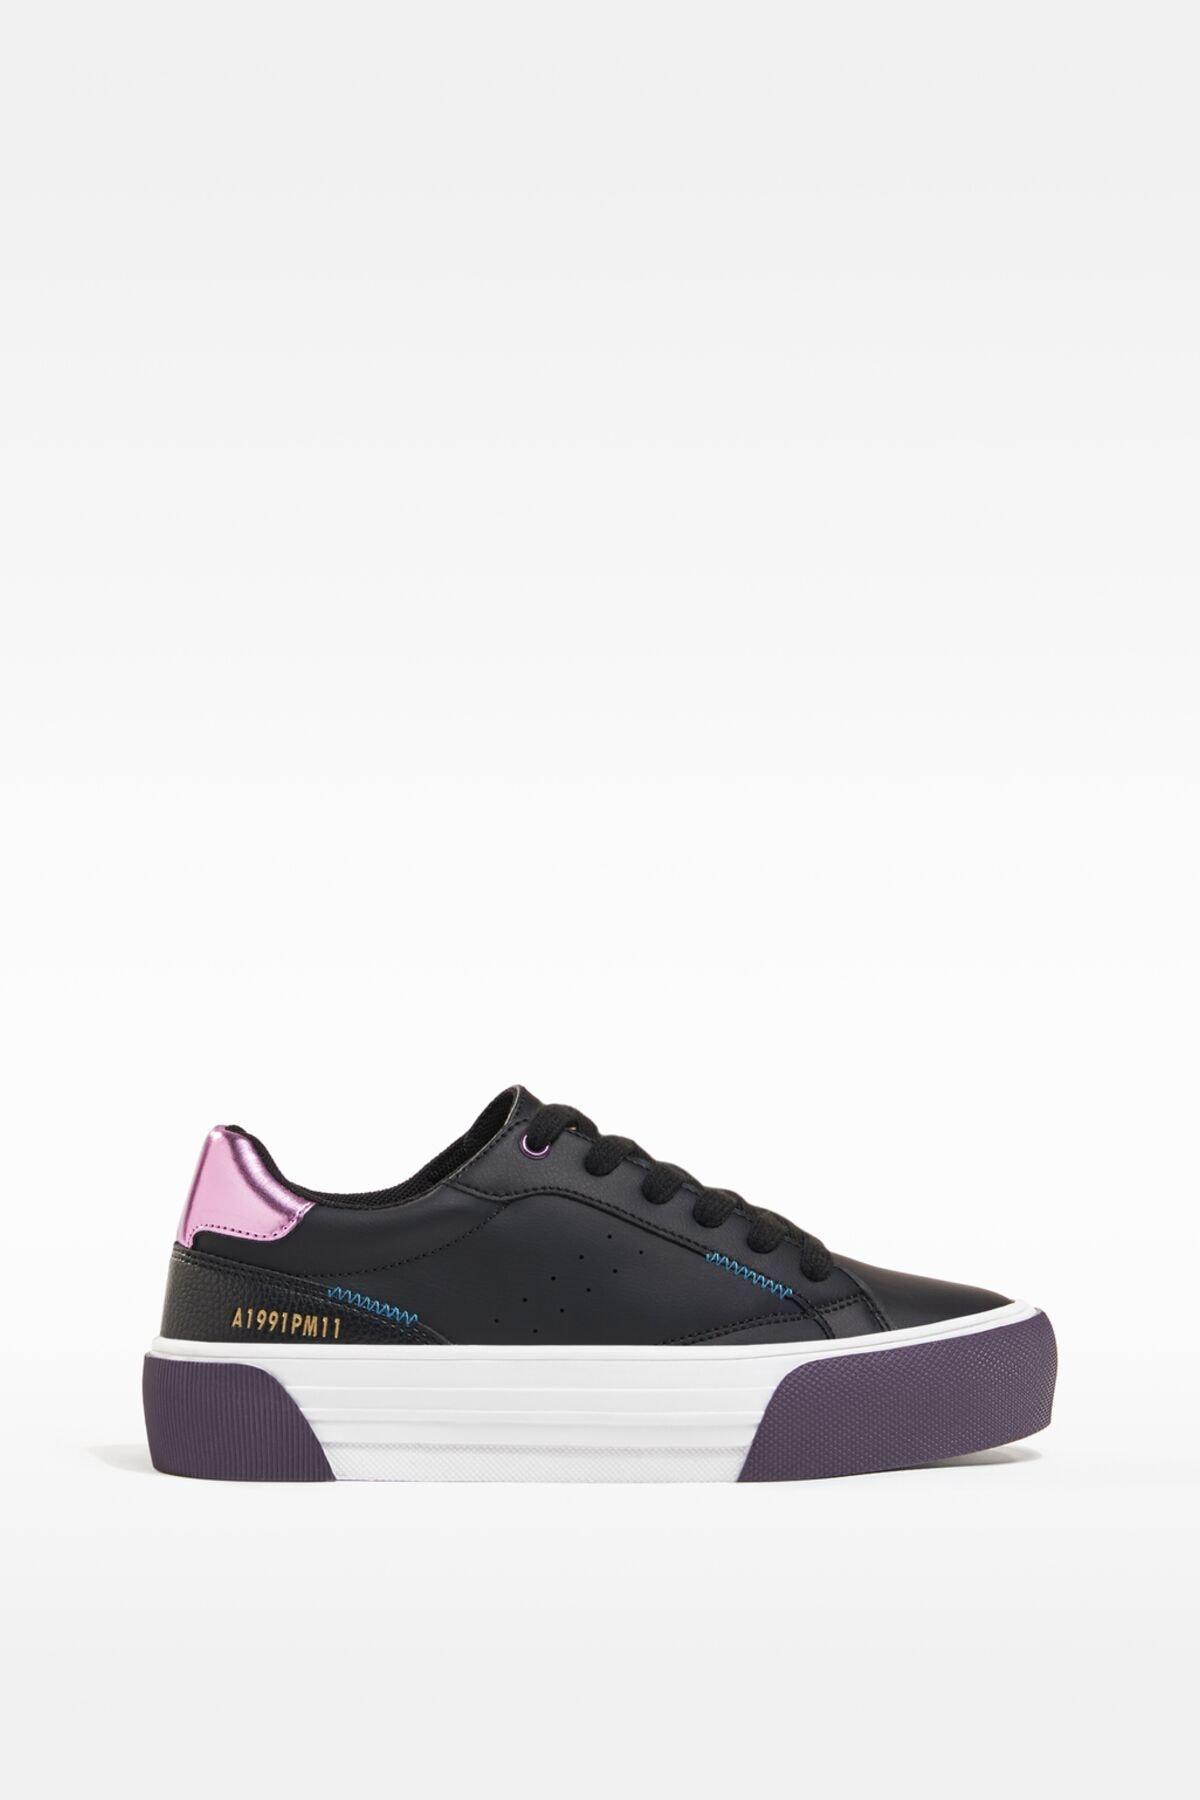 Bershka Kadın Siyah Kontrast Topuklu Spor Ayakkabı 11417760 1